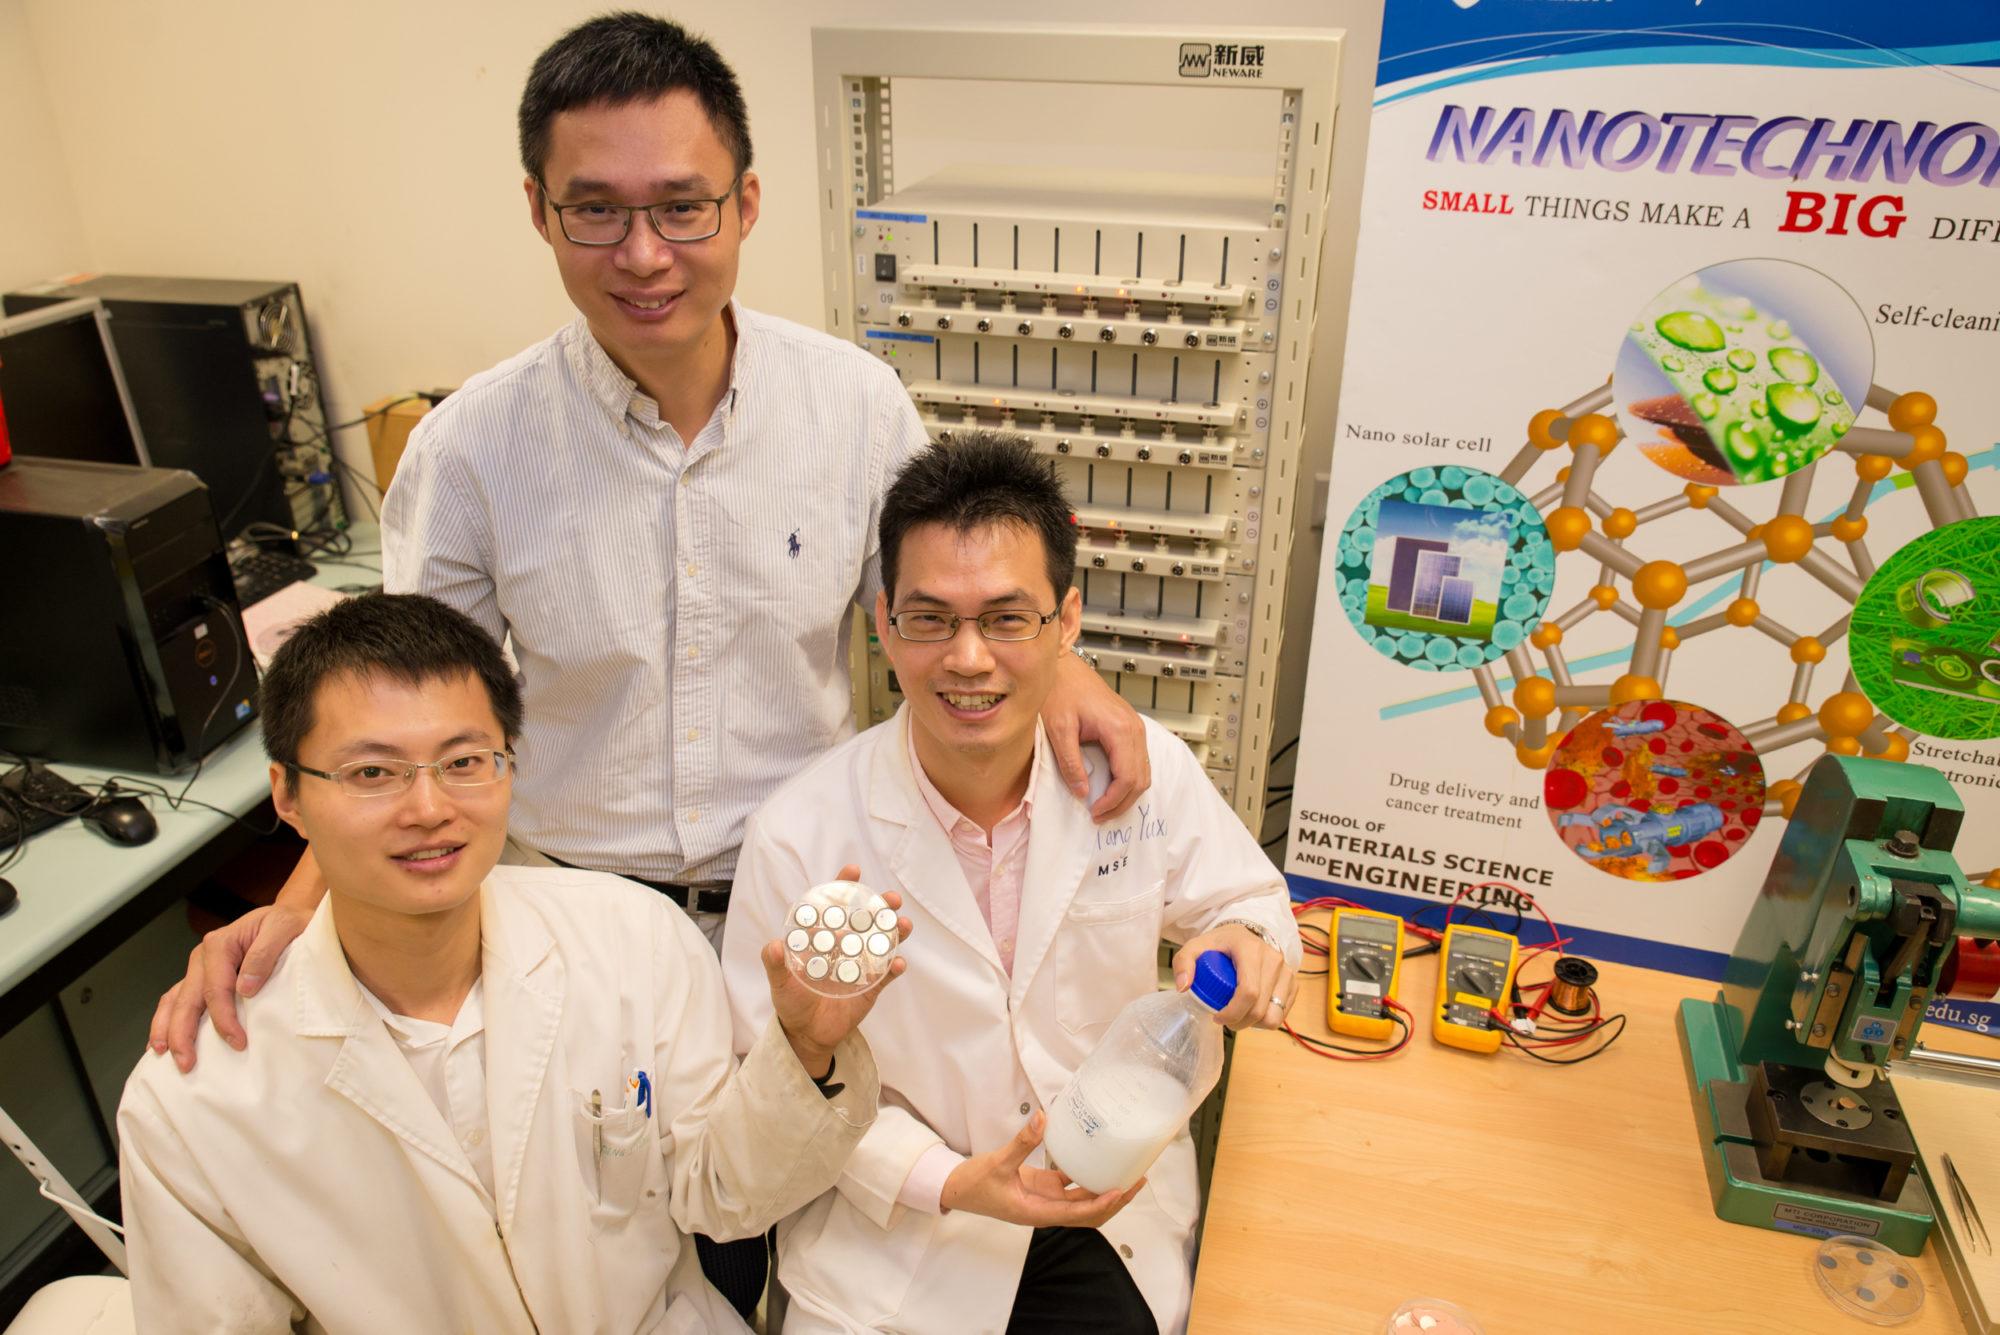 פרופסור צ'ן שיאודונג וצוות הפיתוח מאוניברסיטת NTU הסינגפורית. מקור: NTU